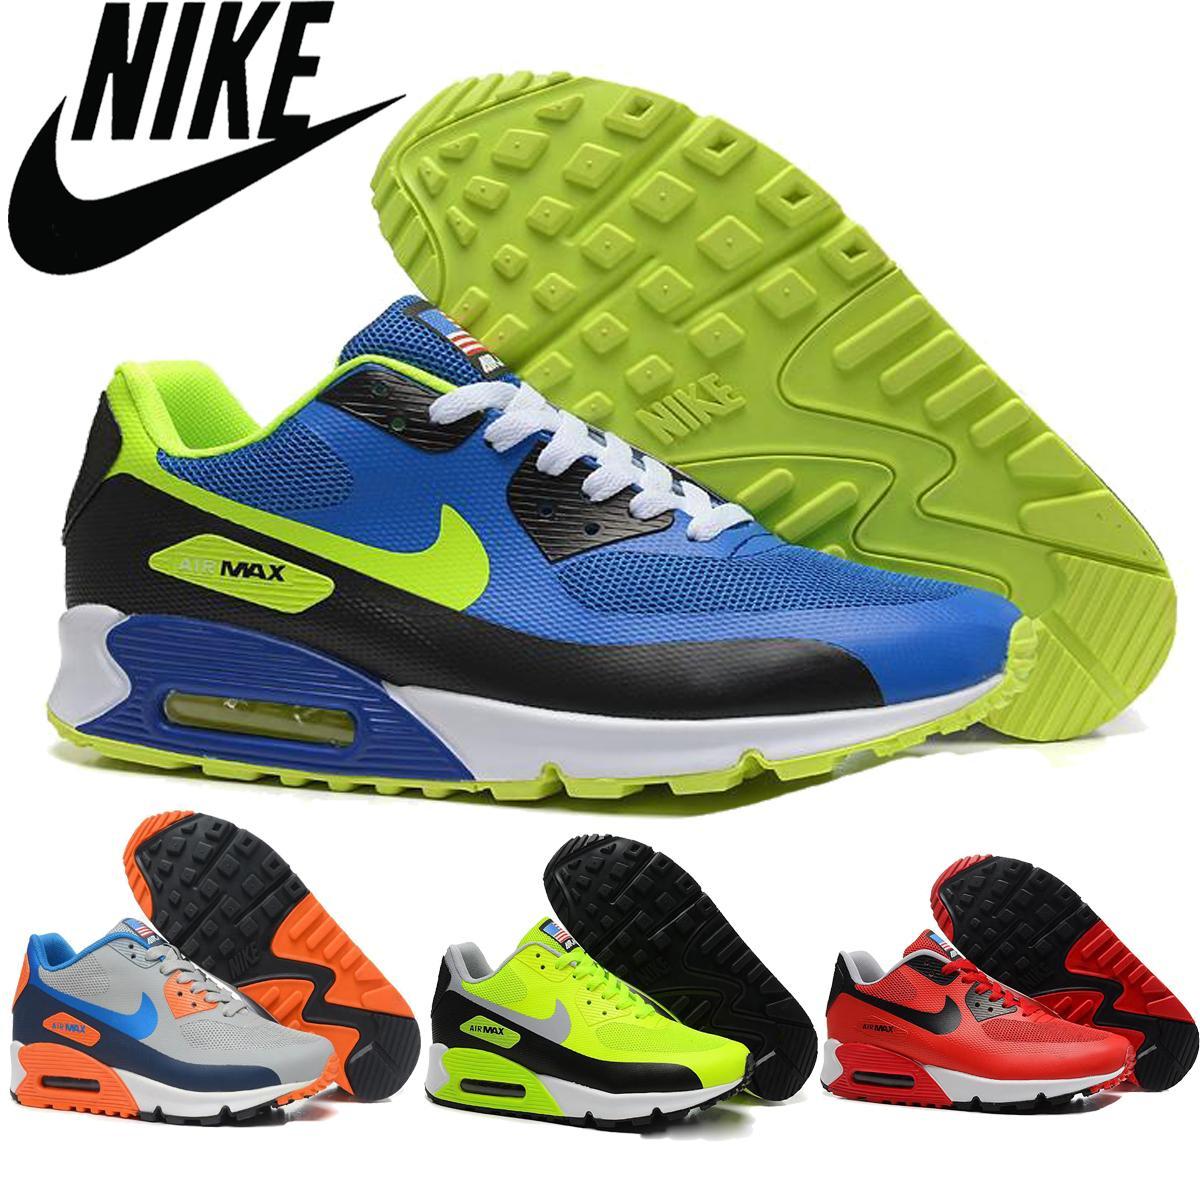 2016 Nike Air Max Shop